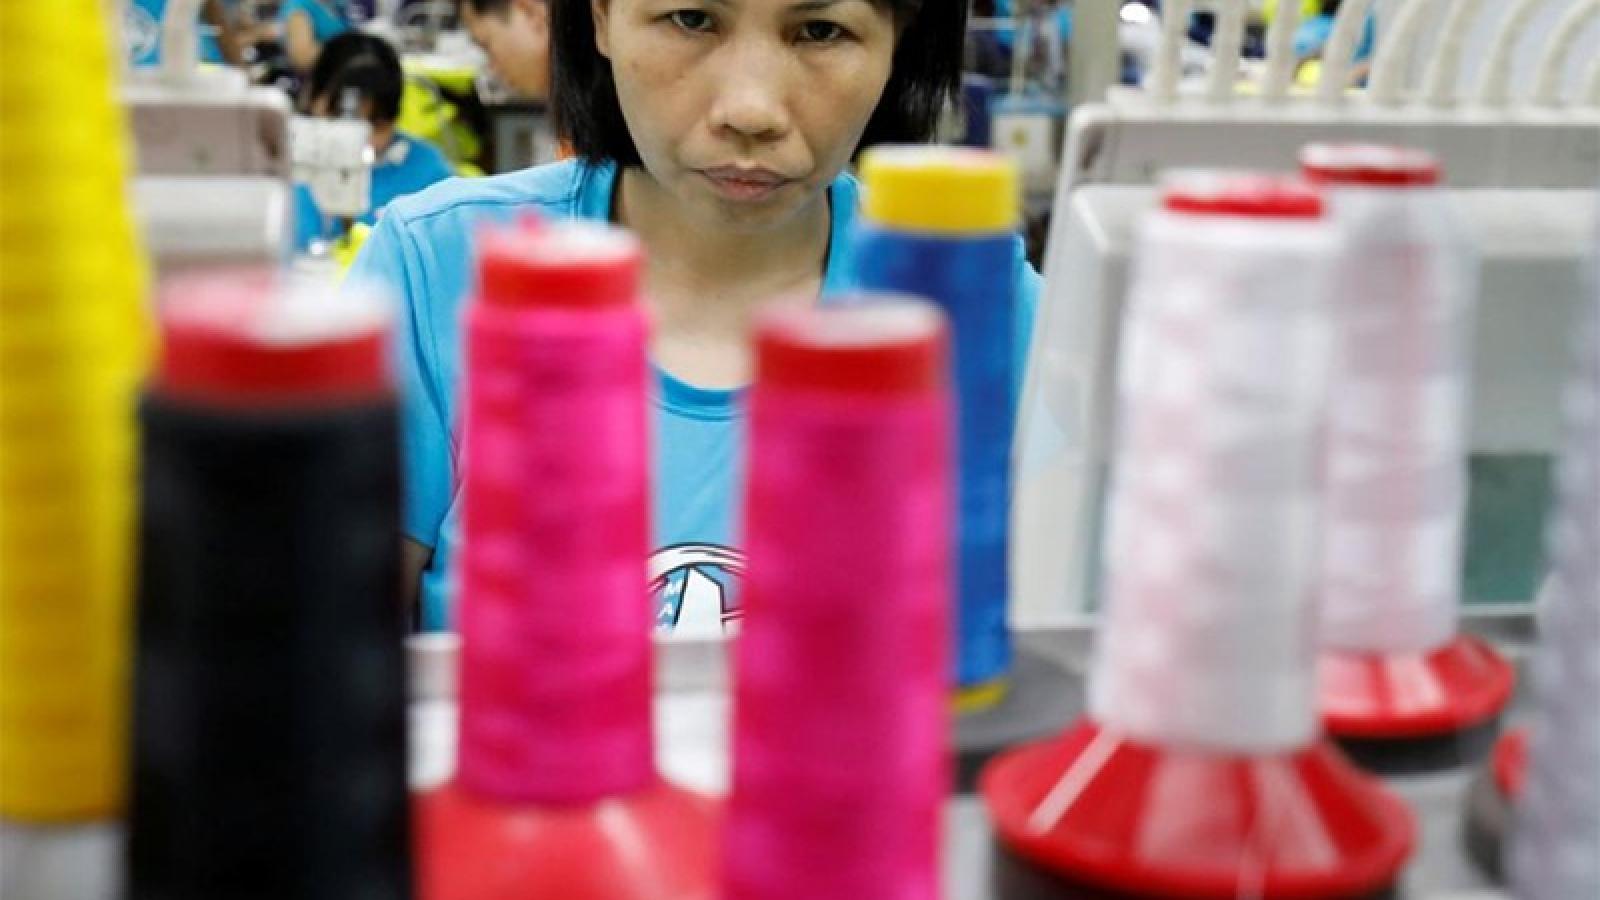 61 đơn vị, doanh nghiệp ở Phú Yên tạm ngừng hoạt động